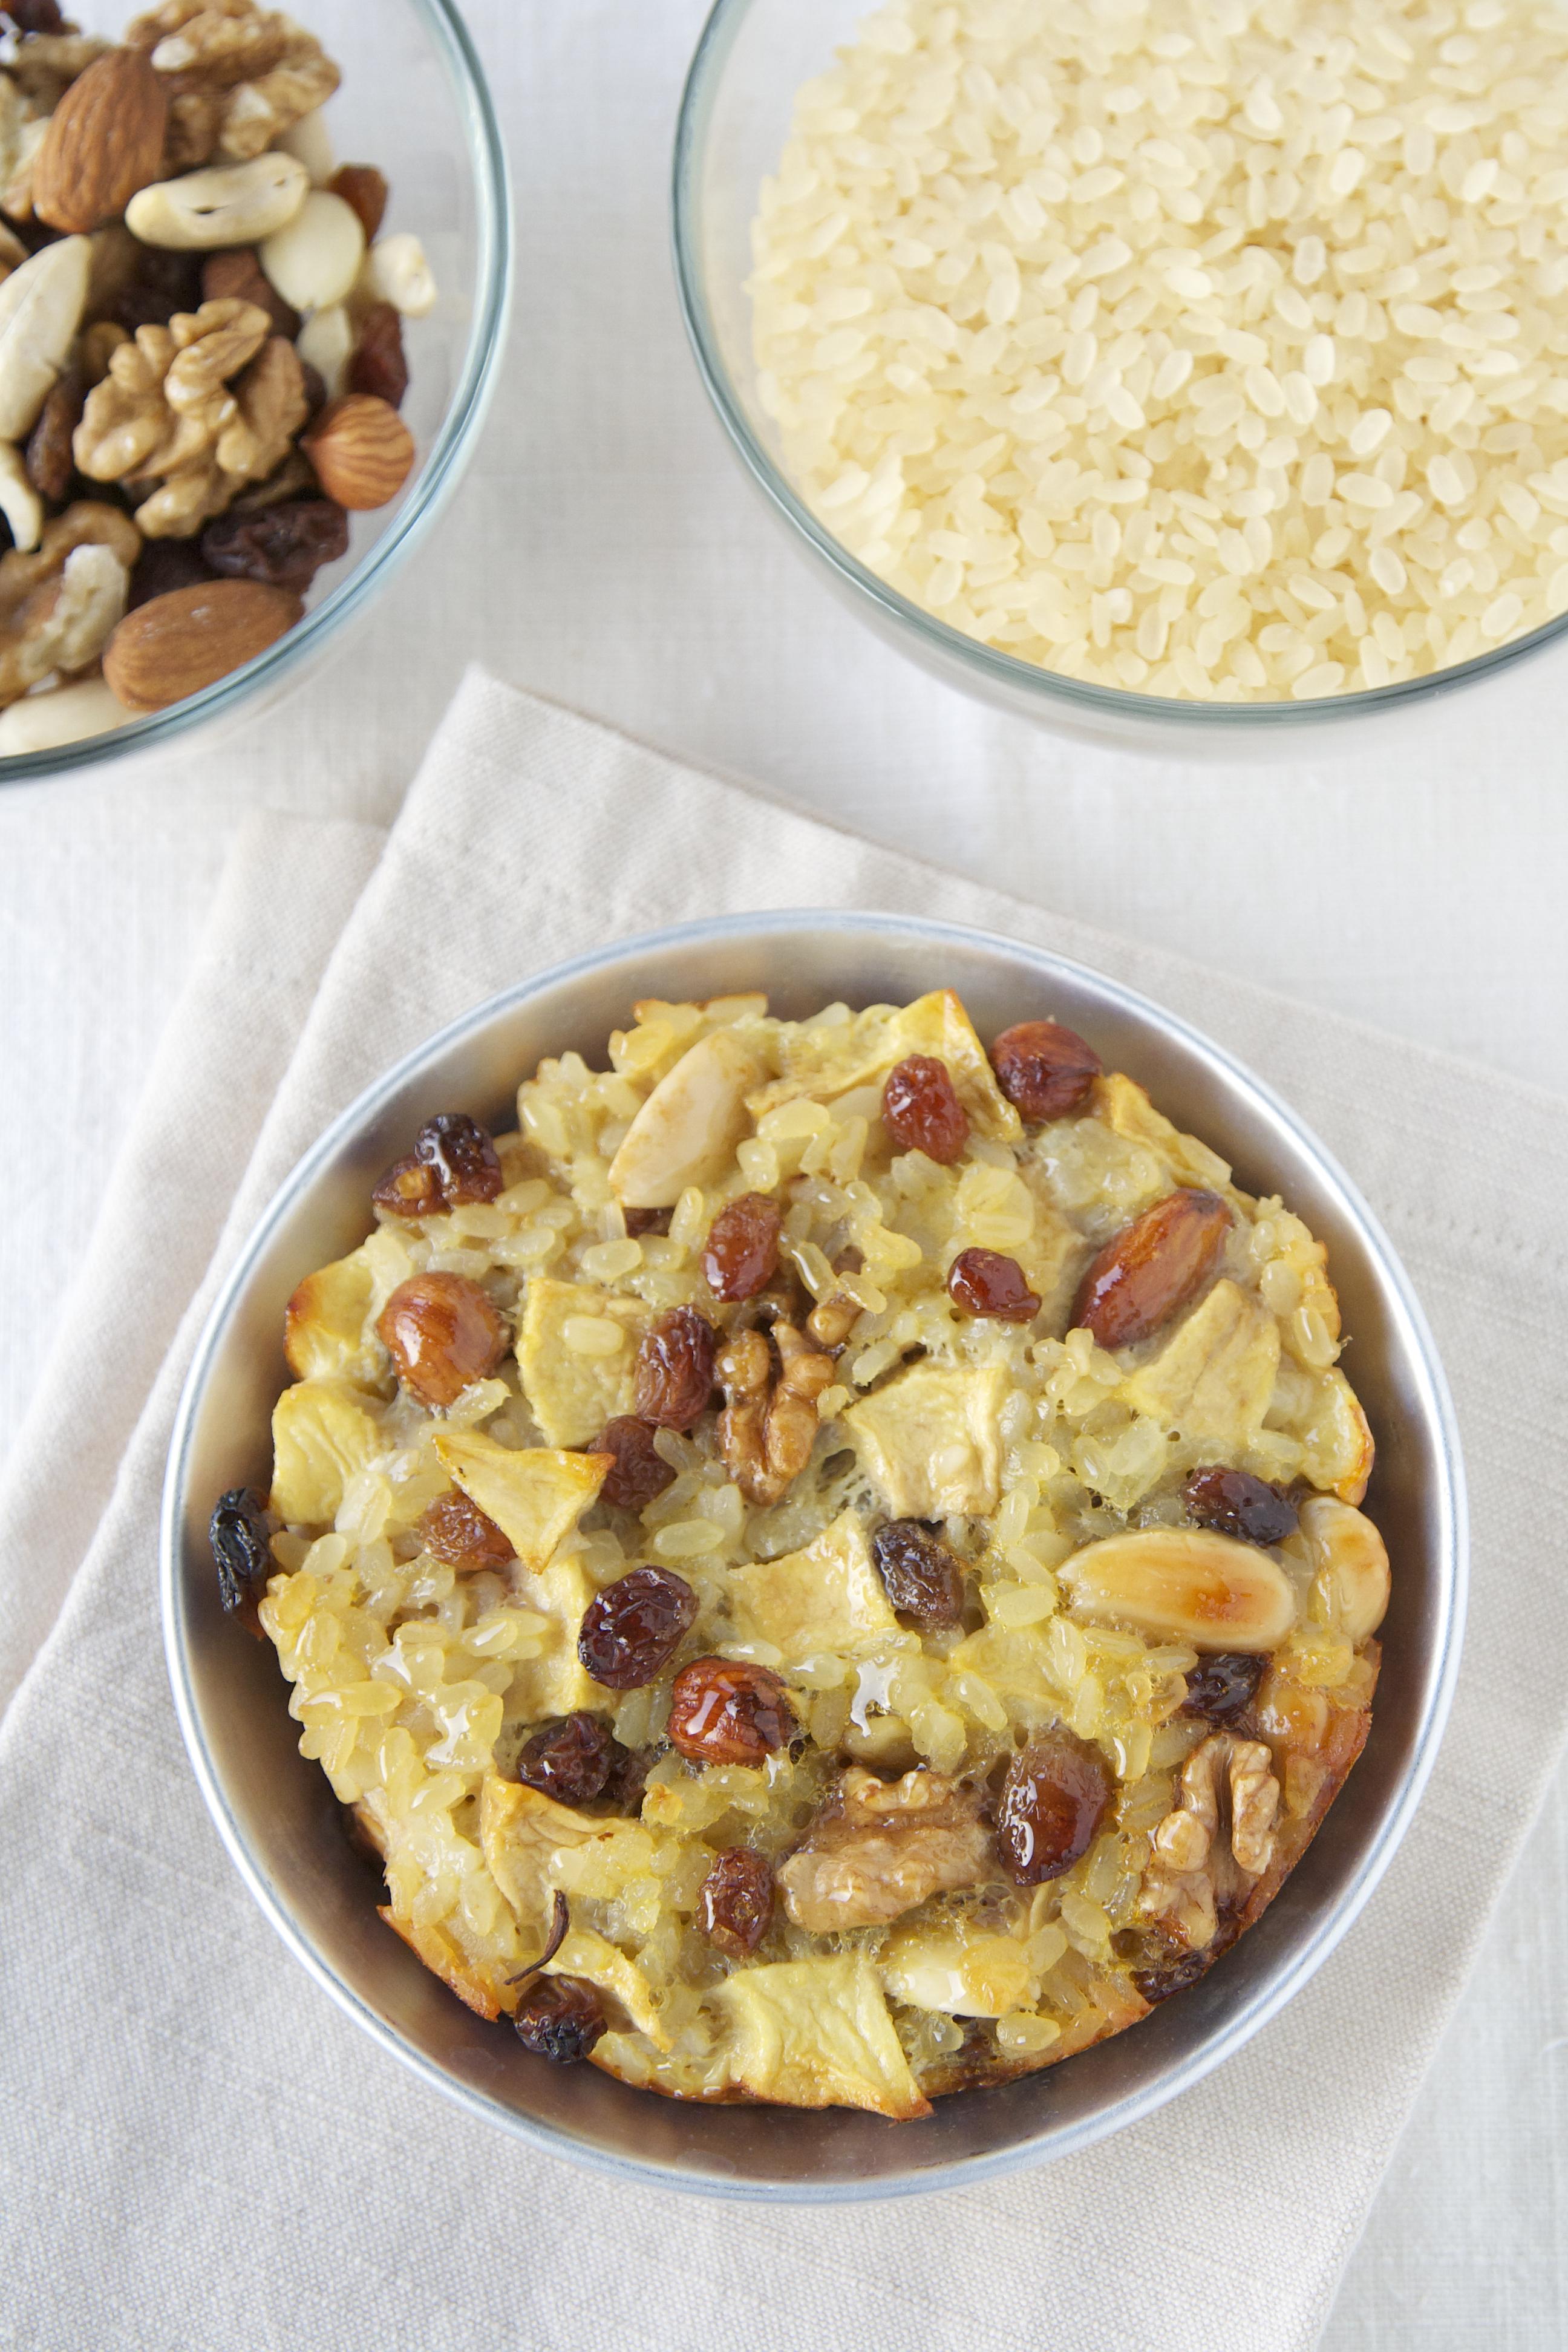 Torta di riso, con riso gallo gran gusto, wellness mix frutta secca ...